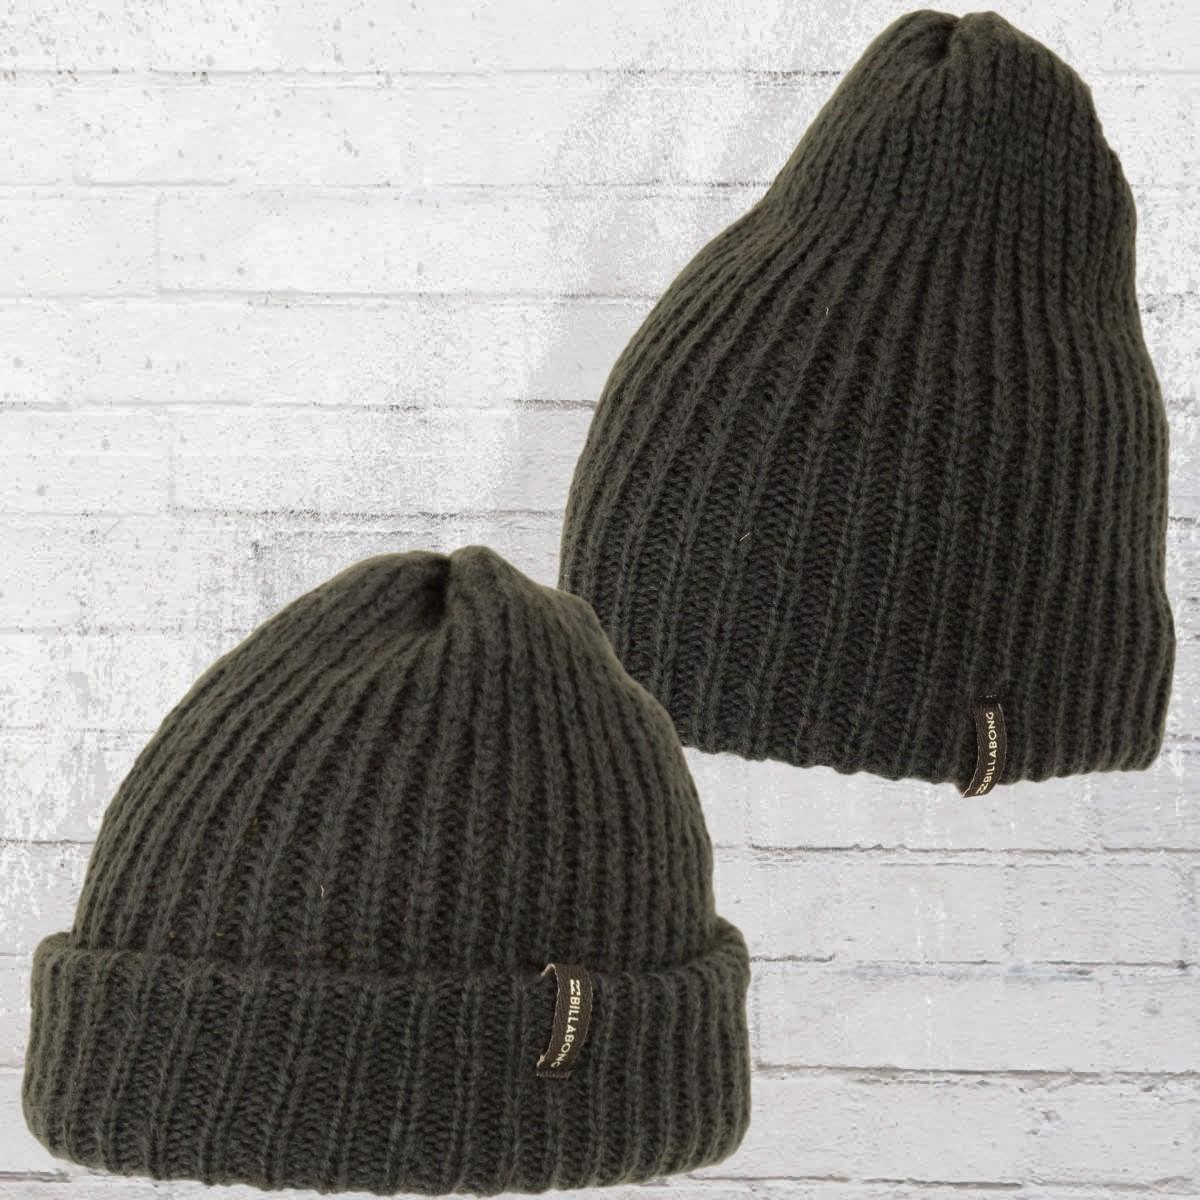 335735028a7e30 ... buy billabong beanie mountain tripe knit cap anthra olive. u203au2039  8f483 18719